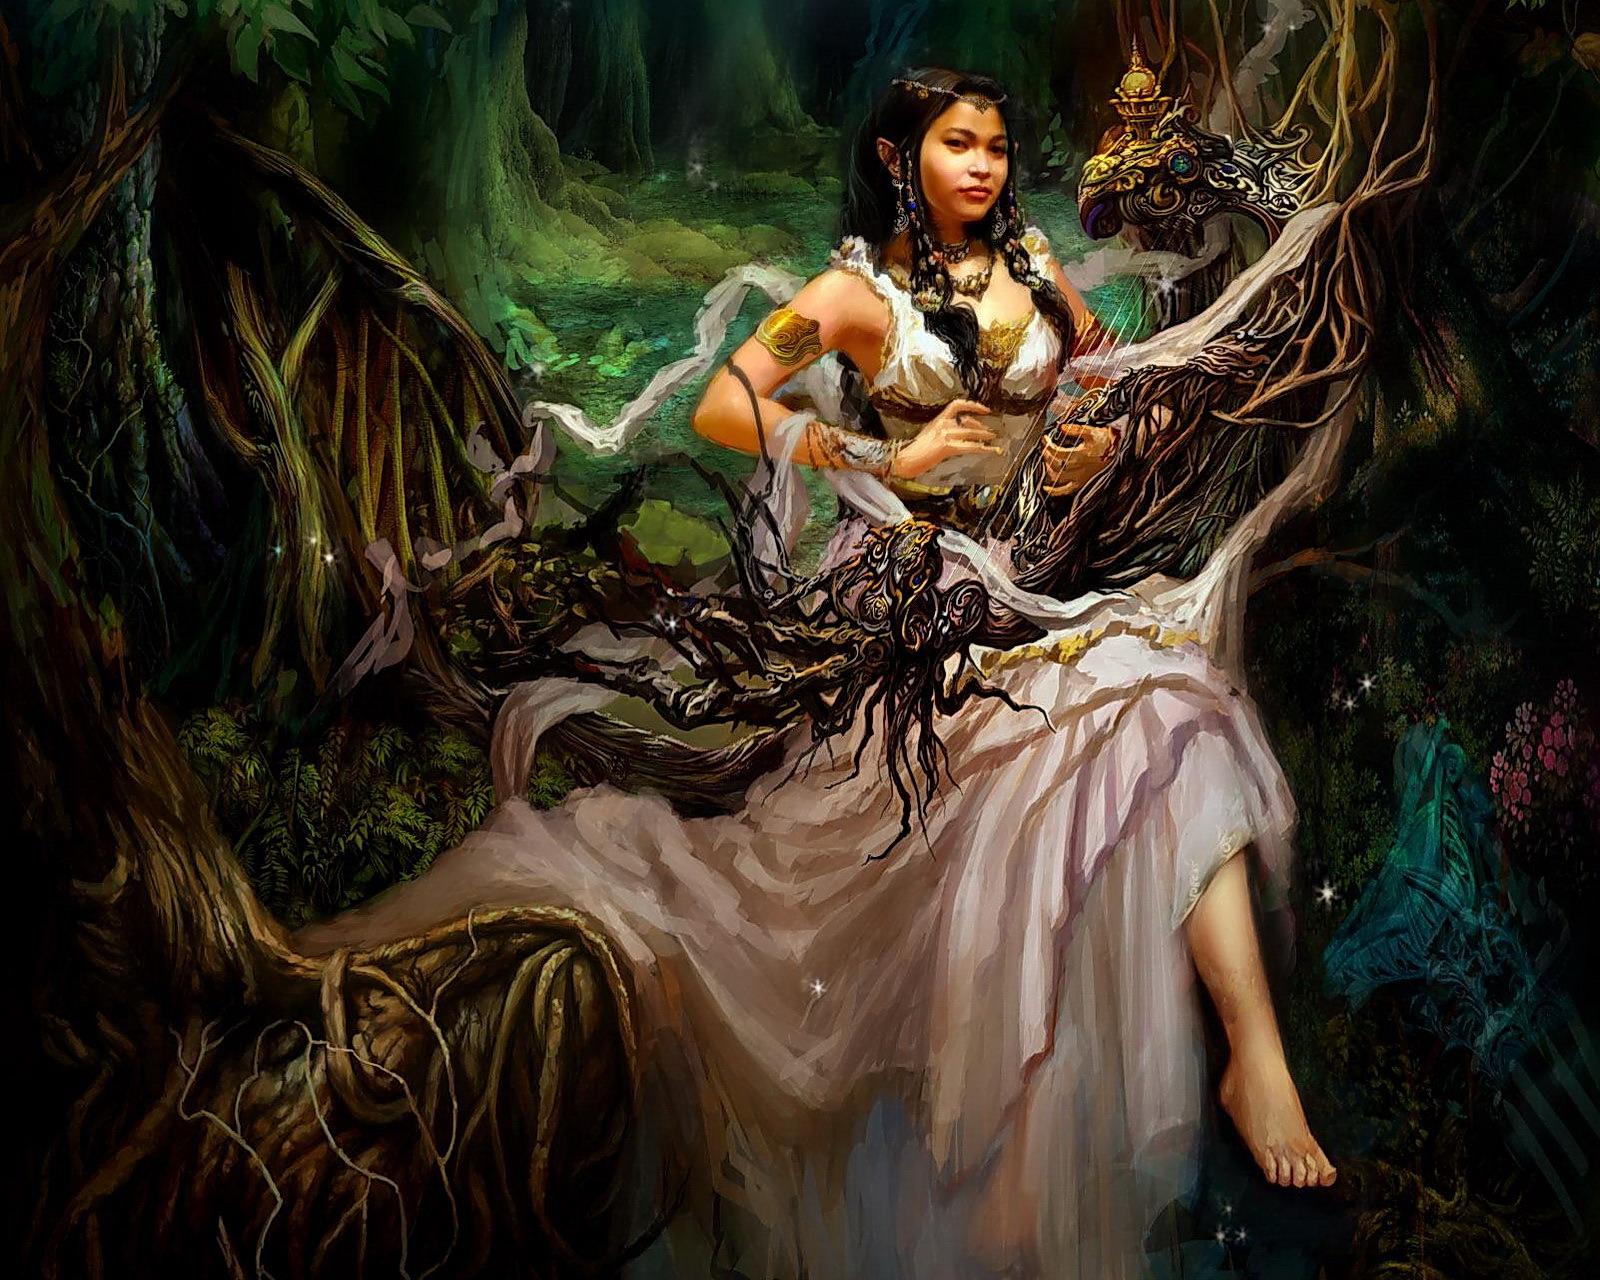 warrior elf desktop wallpapers - photo #17